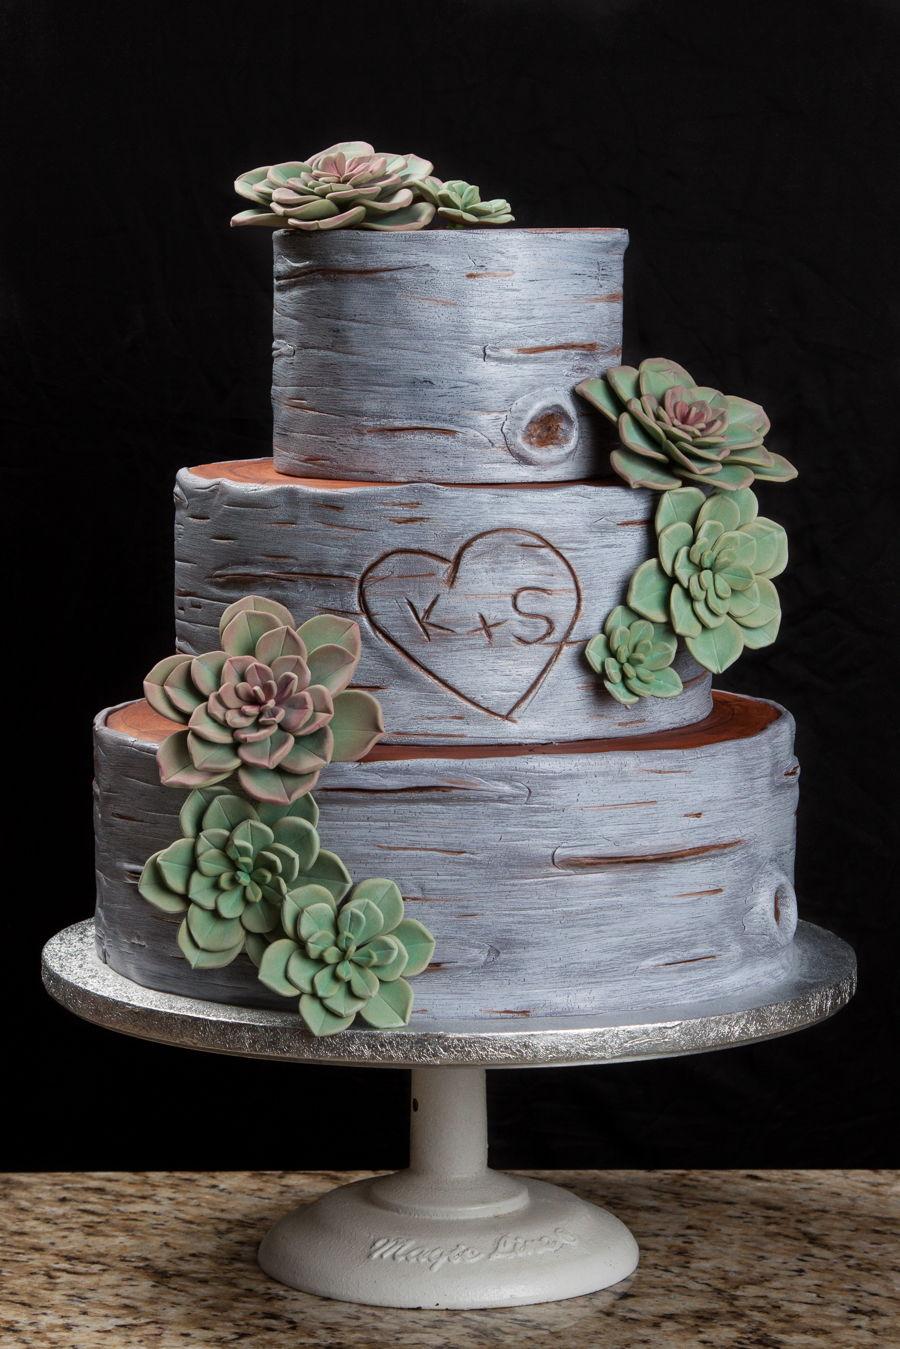 birch wedding cake. Black Bedroom Furniture Sets. Home Design Ideas